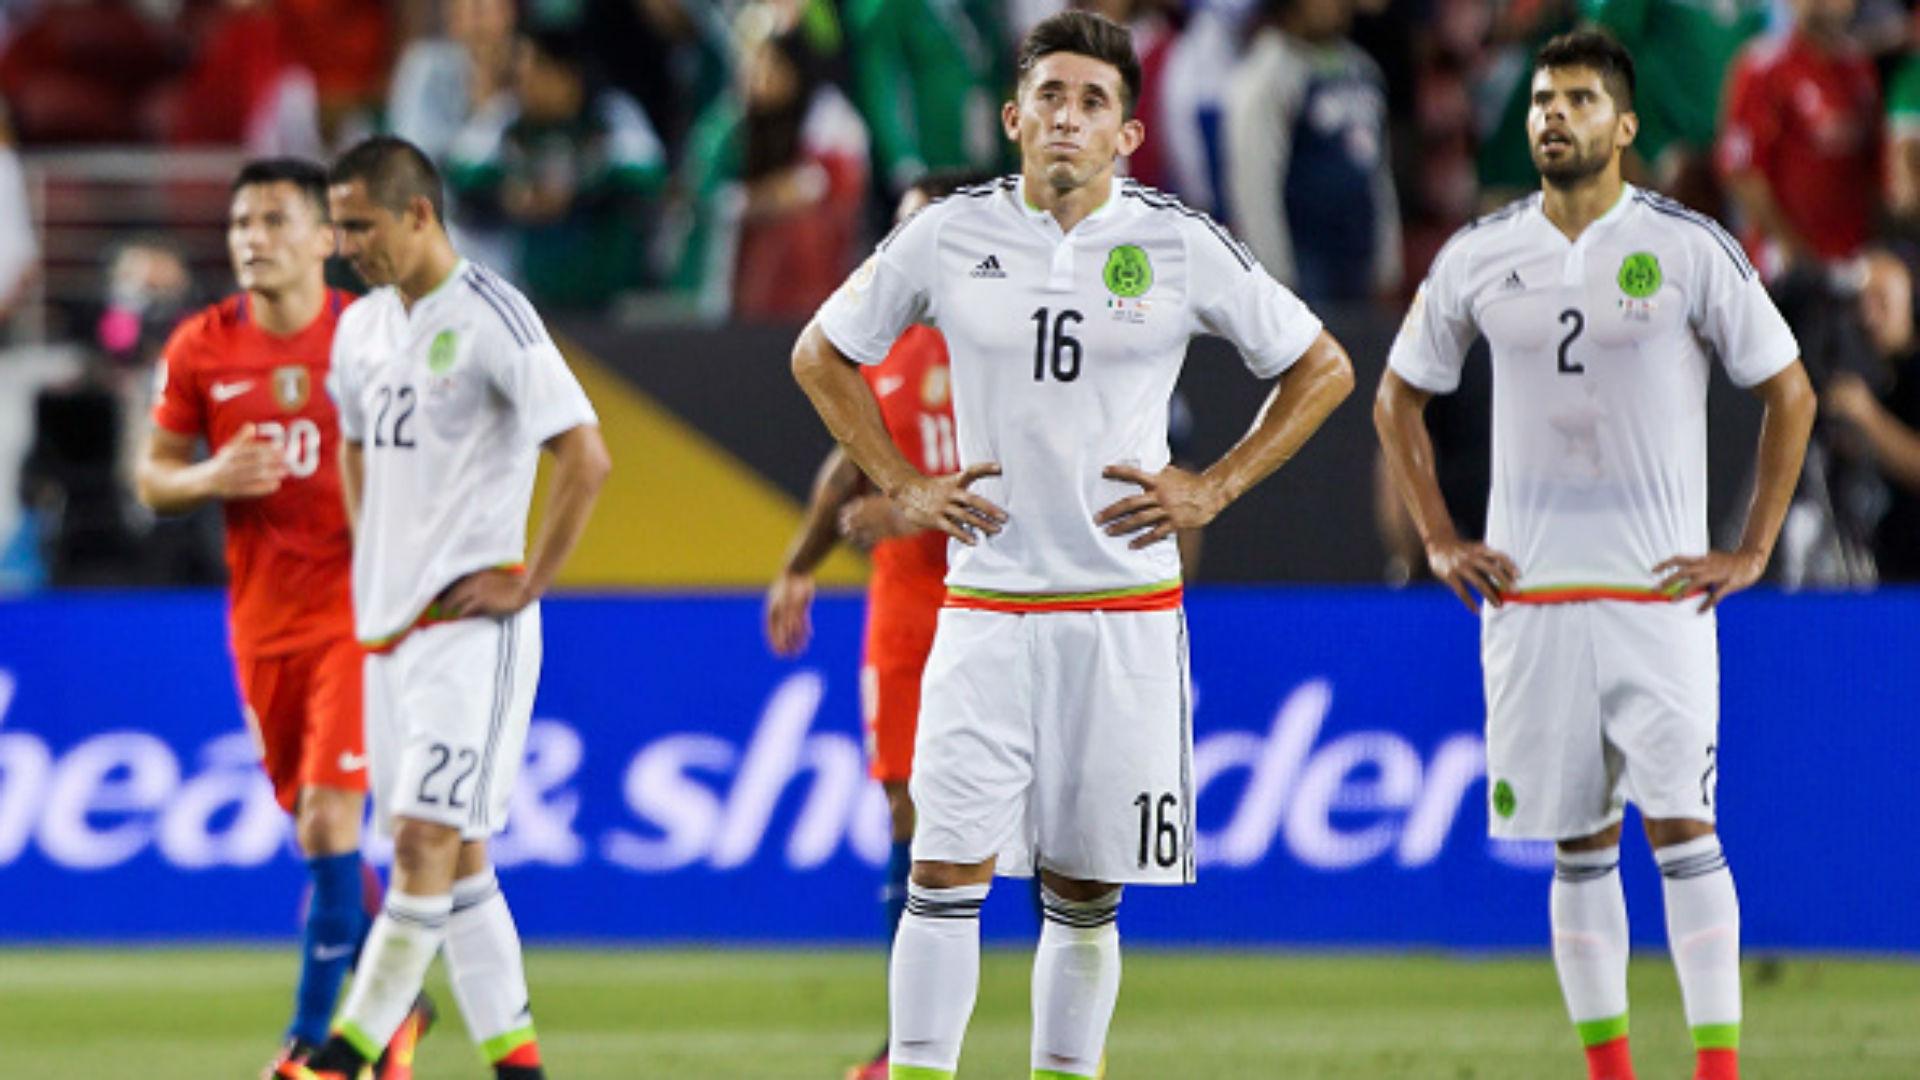 Héctor Herrera México Chile Copa América Centenario 2016 18062016